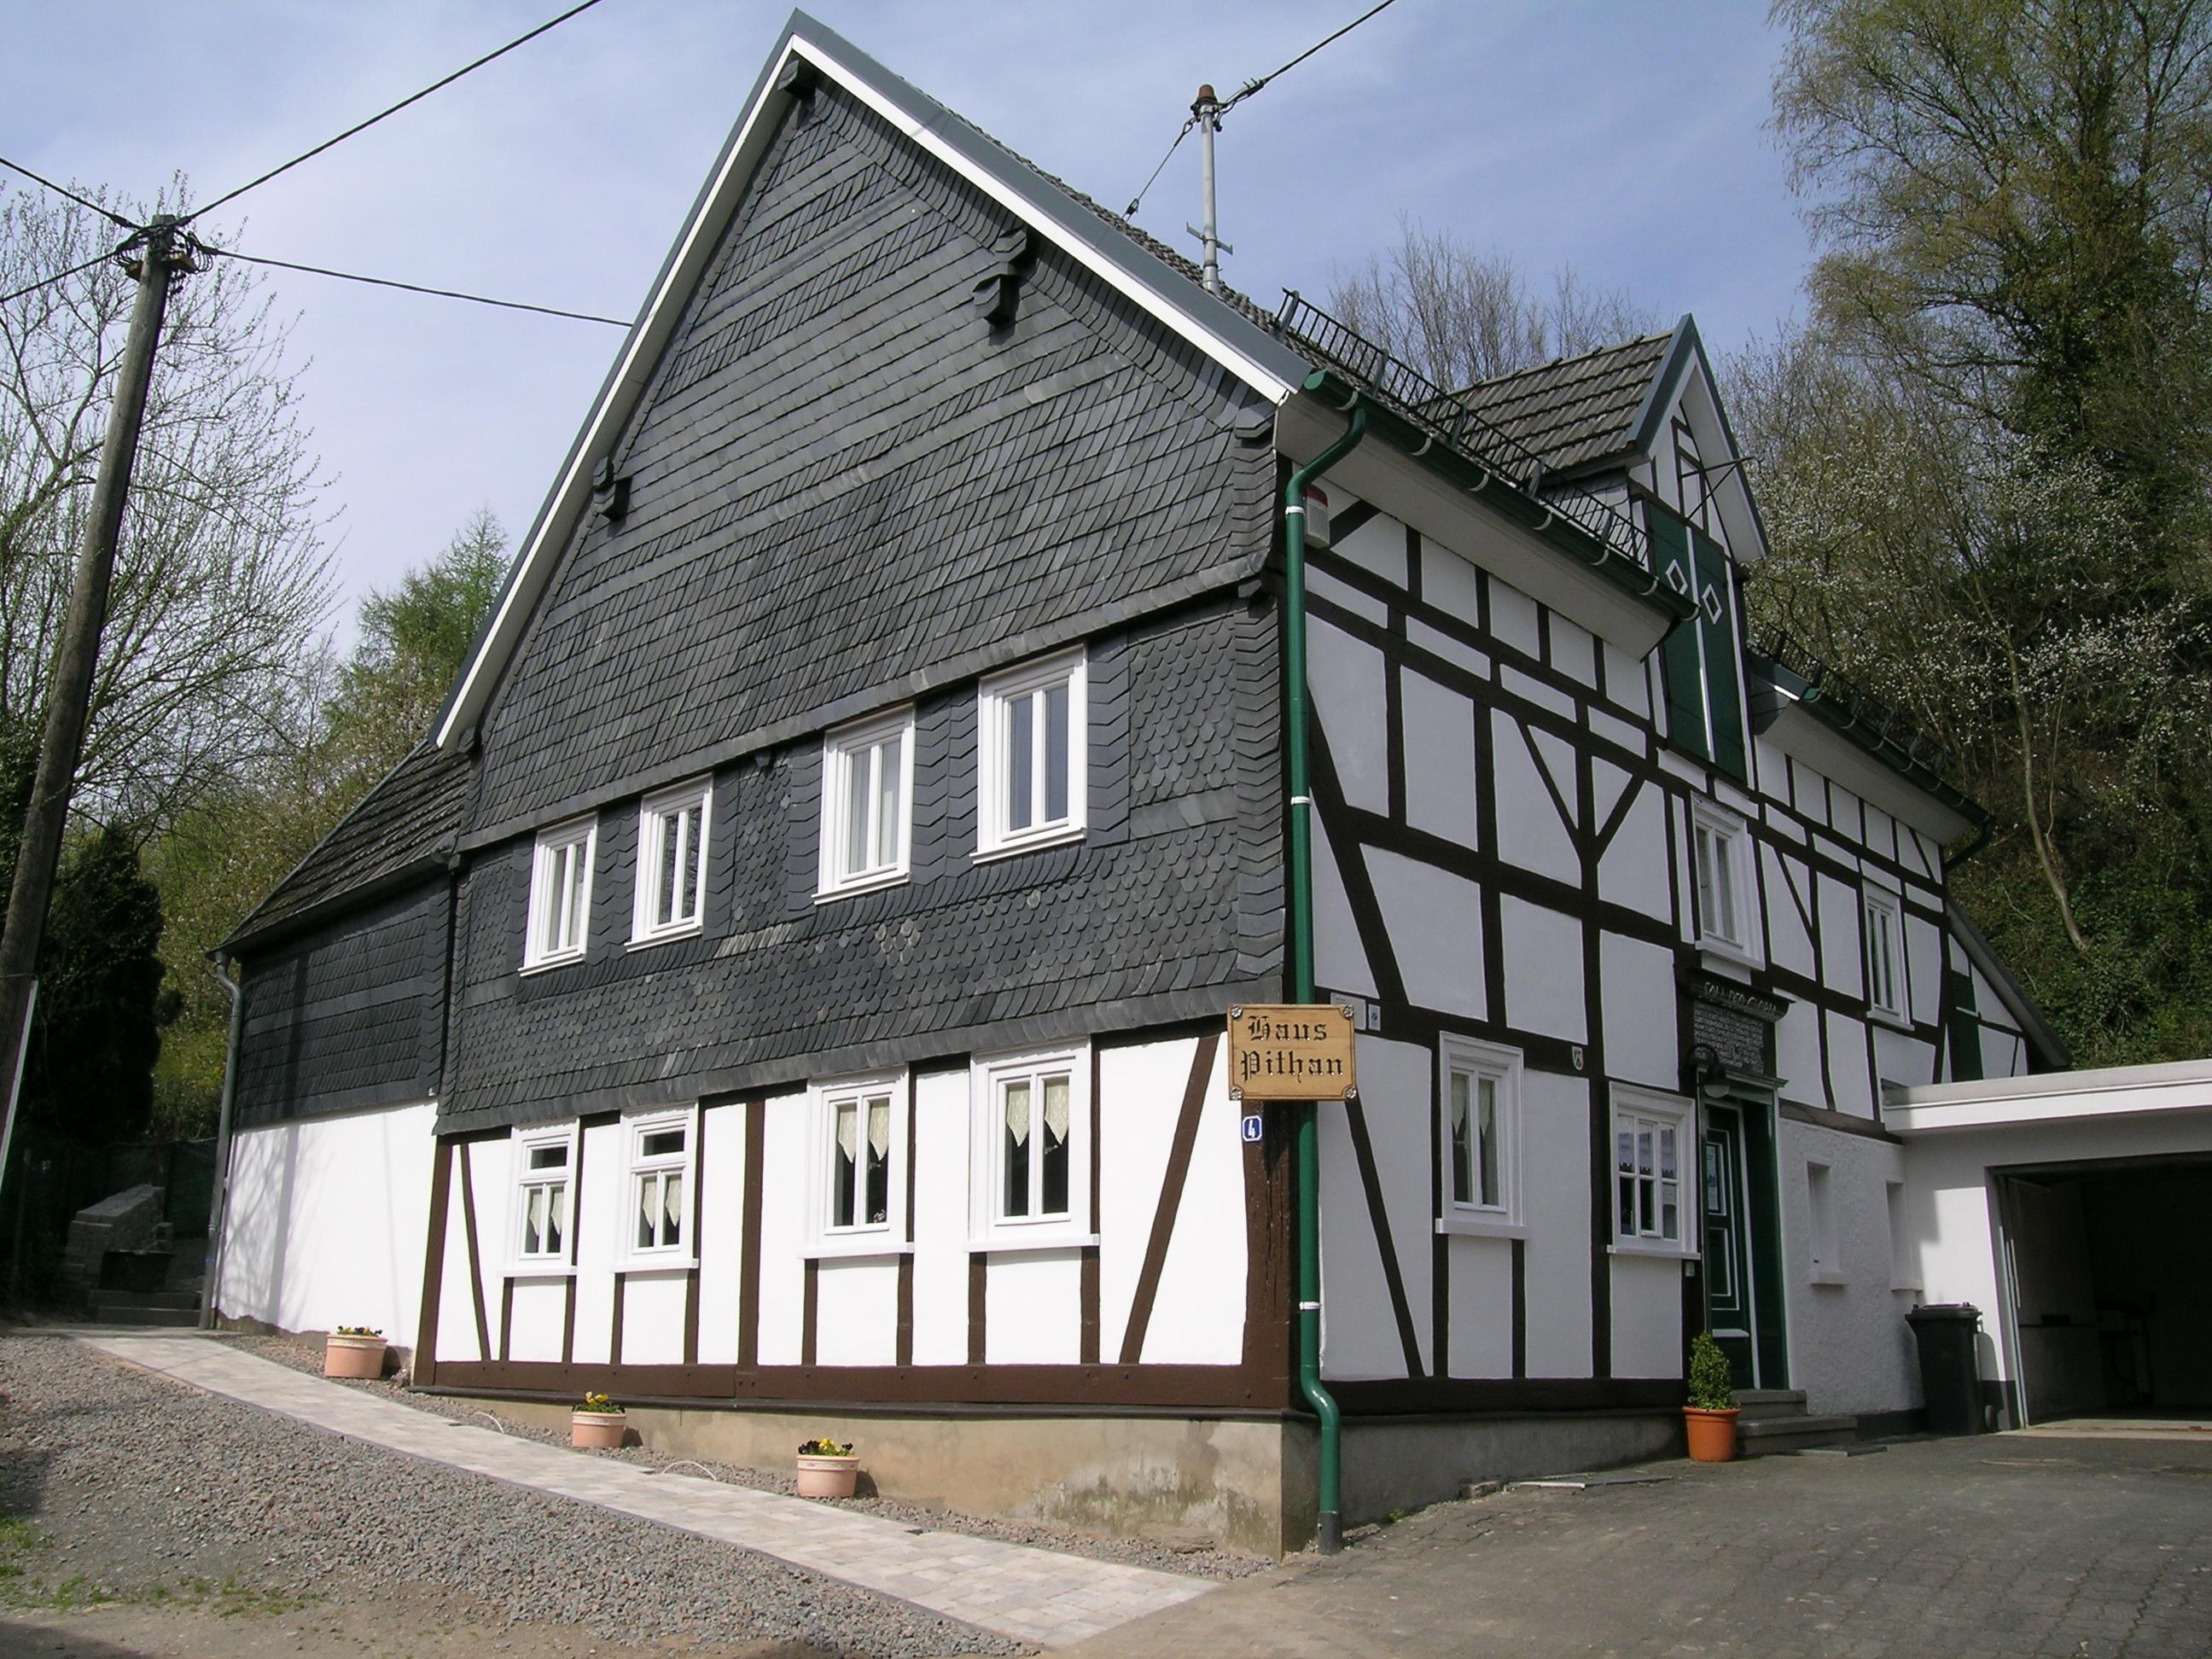 File:Haus Pithan Dreis Tiefenbach 2008 04 27.jpg Wikimedia